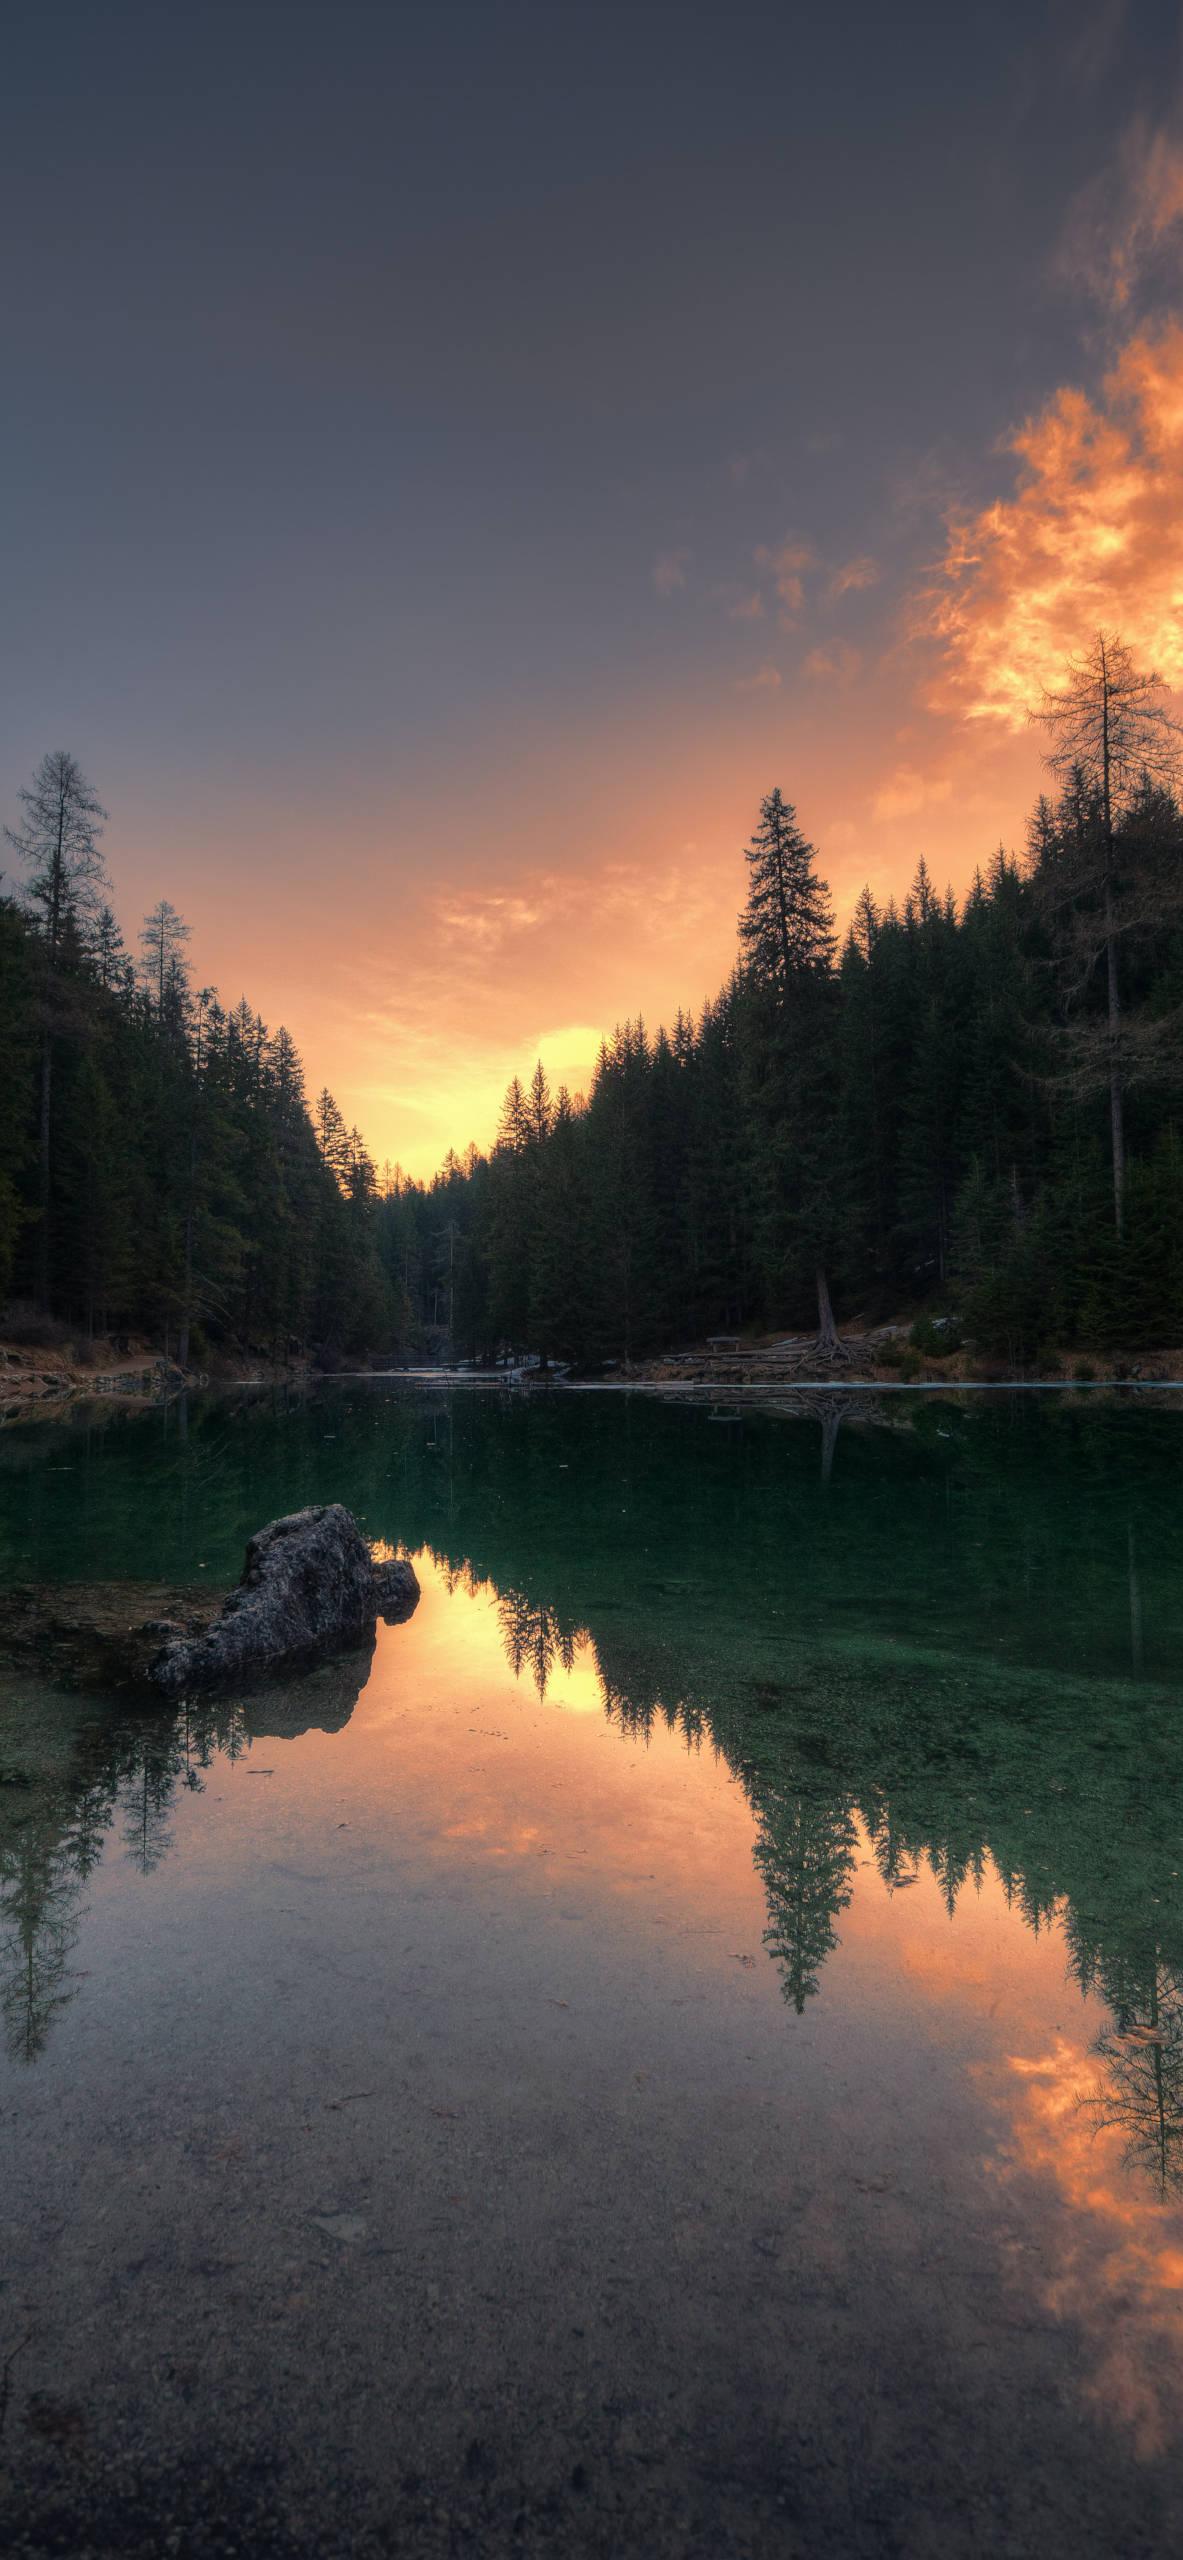 iPhone wallpapers lake pragser wildsee Lake